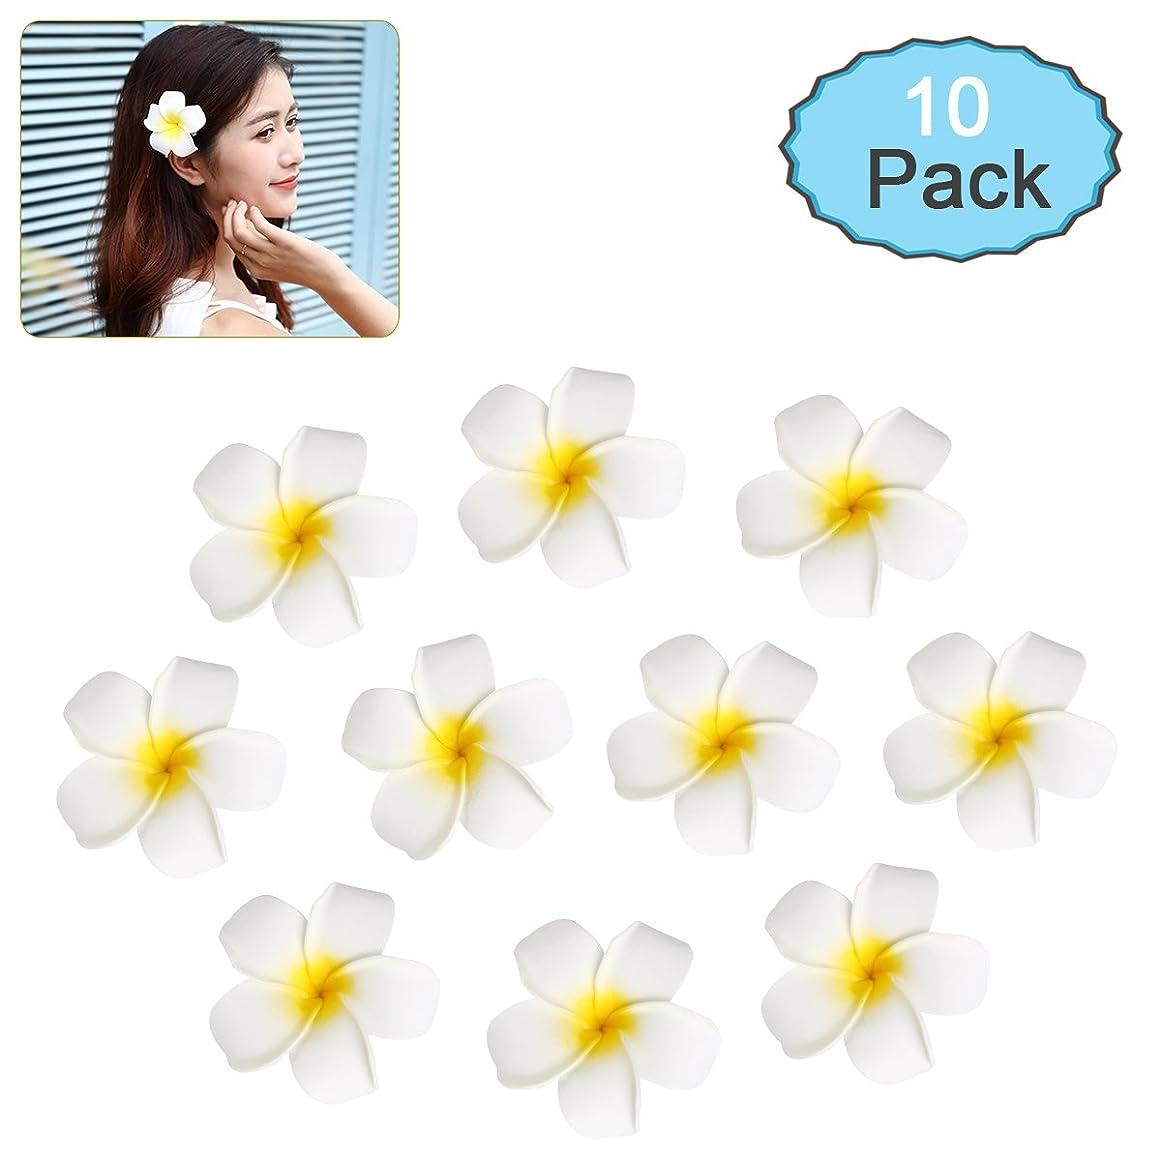 役に立たない拒絶居間Frcolor お花 ヘアピン 花髪クリップ ヘアアクセサリー プルメリア 10本